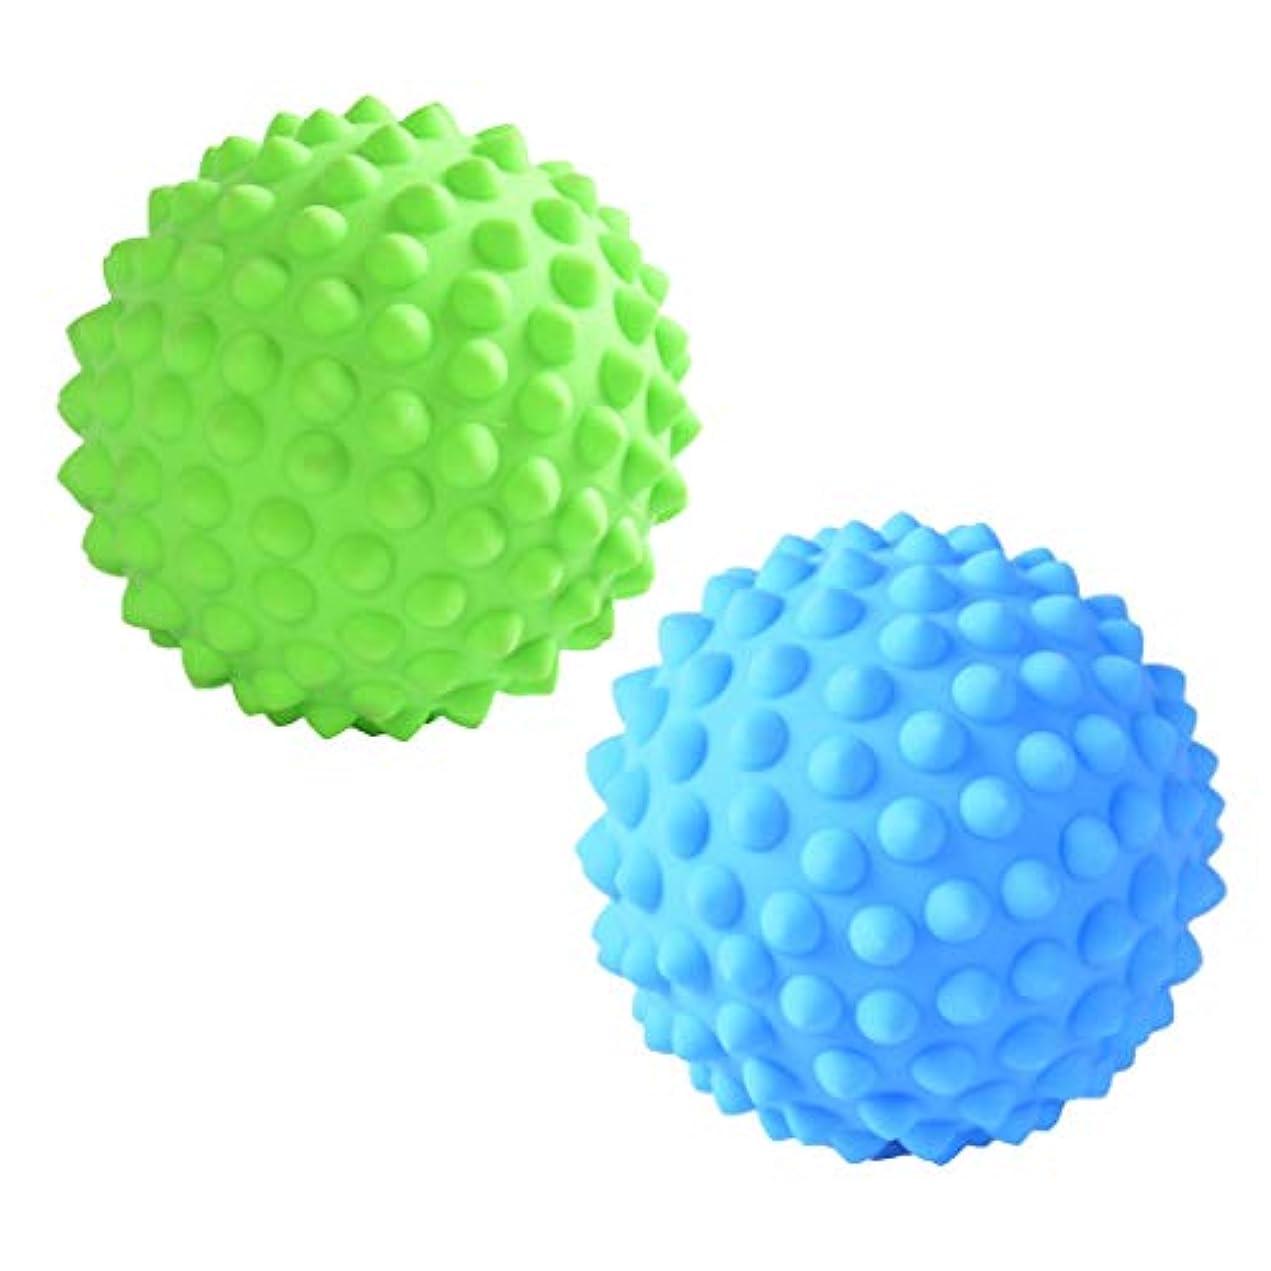 プラカード混合メロンHellery マッサージローラーボール マッサージローラー 指圧ボール 筋膜リリース トリガーポイント 2個入